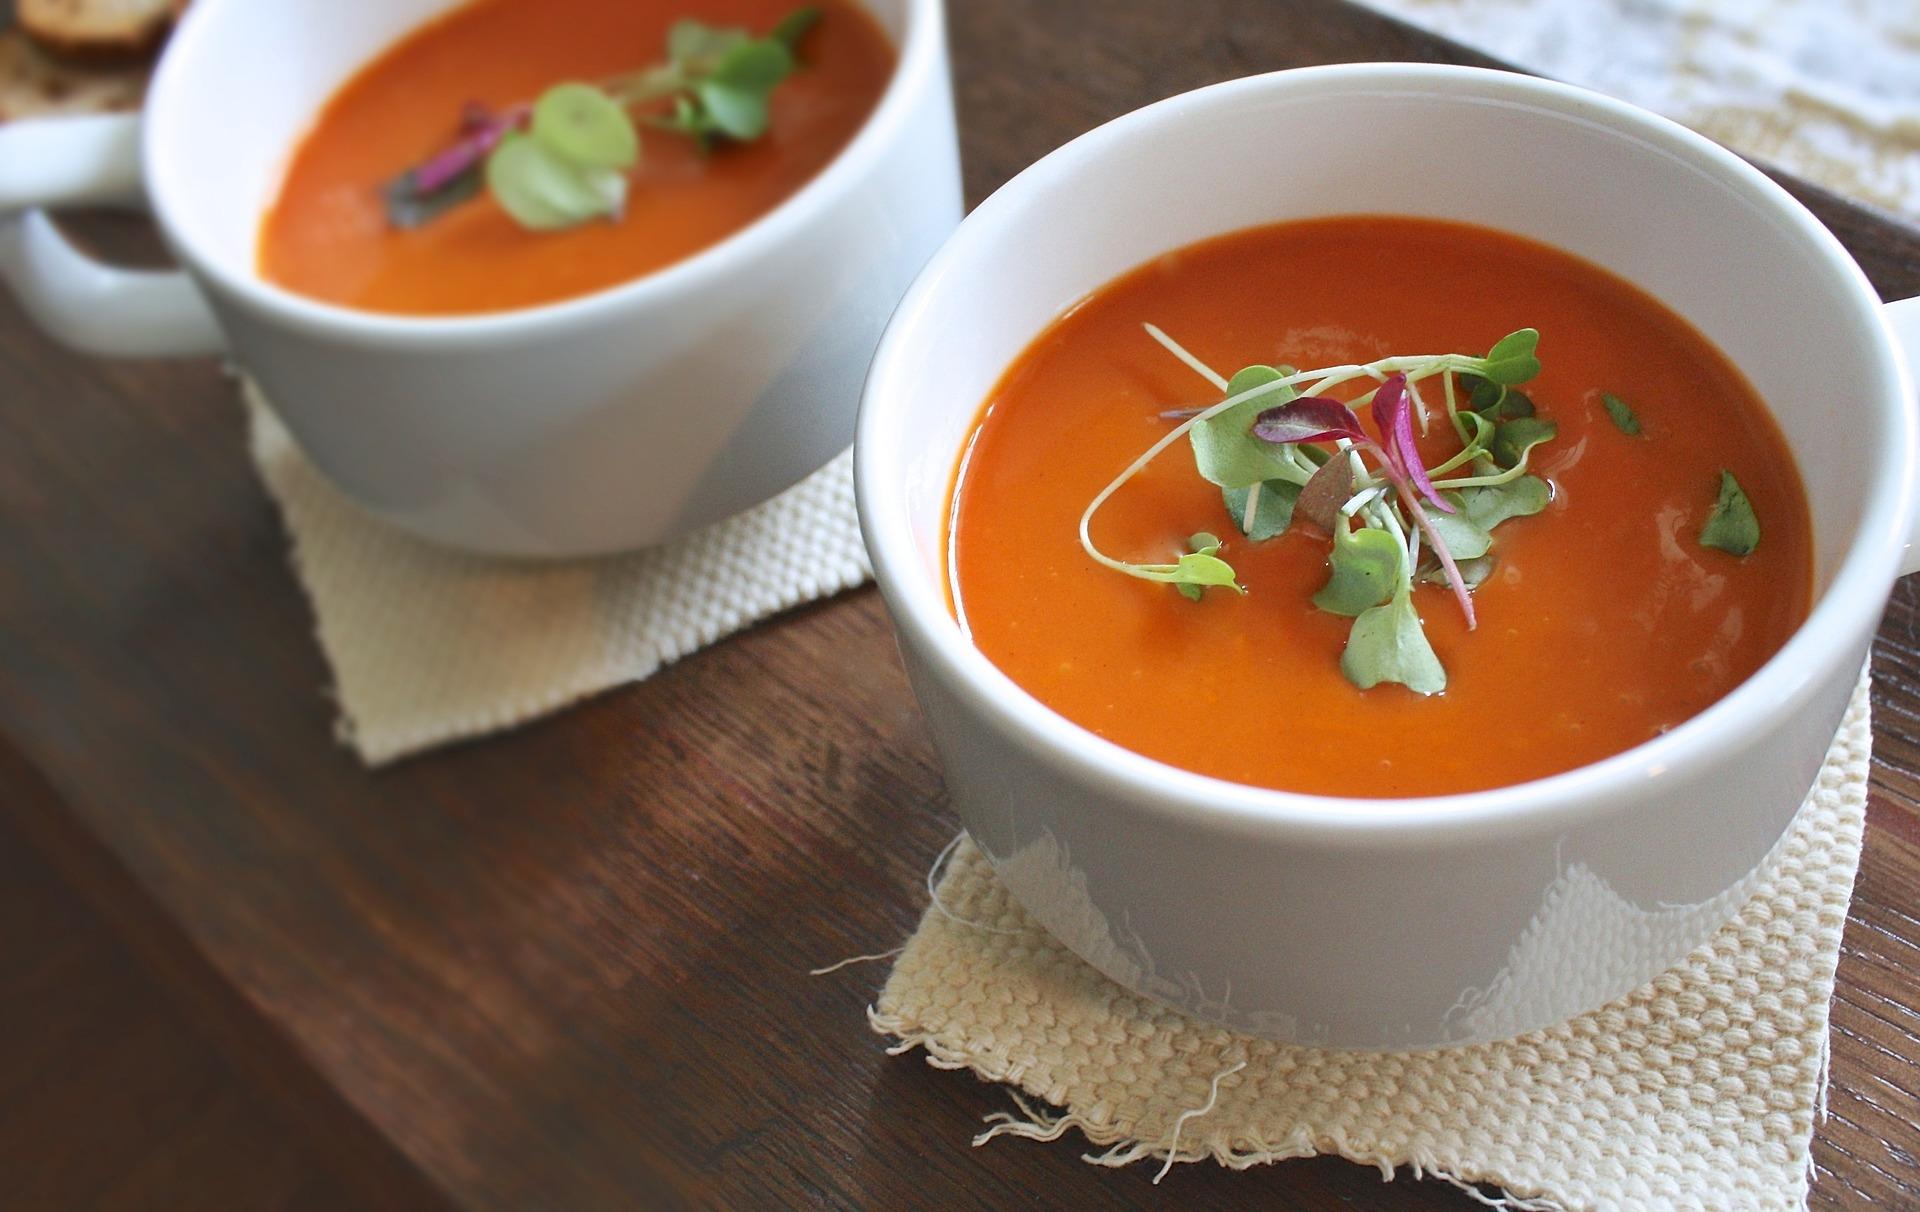 Nordstrom Tomato Basil Soup Recipe